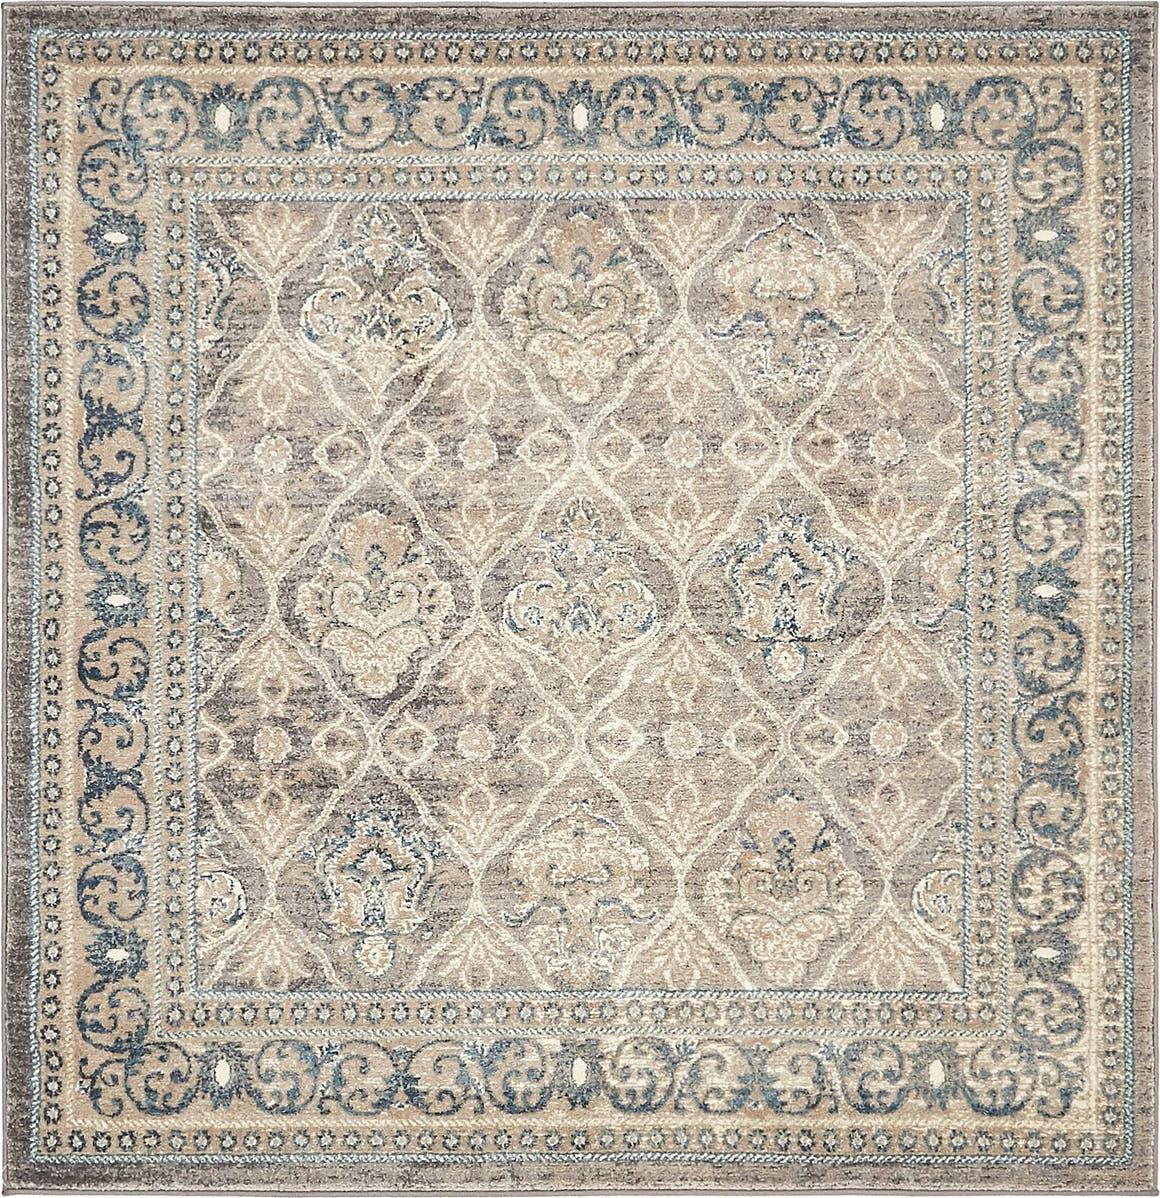 5' x 5' Vienna Square Rug main image